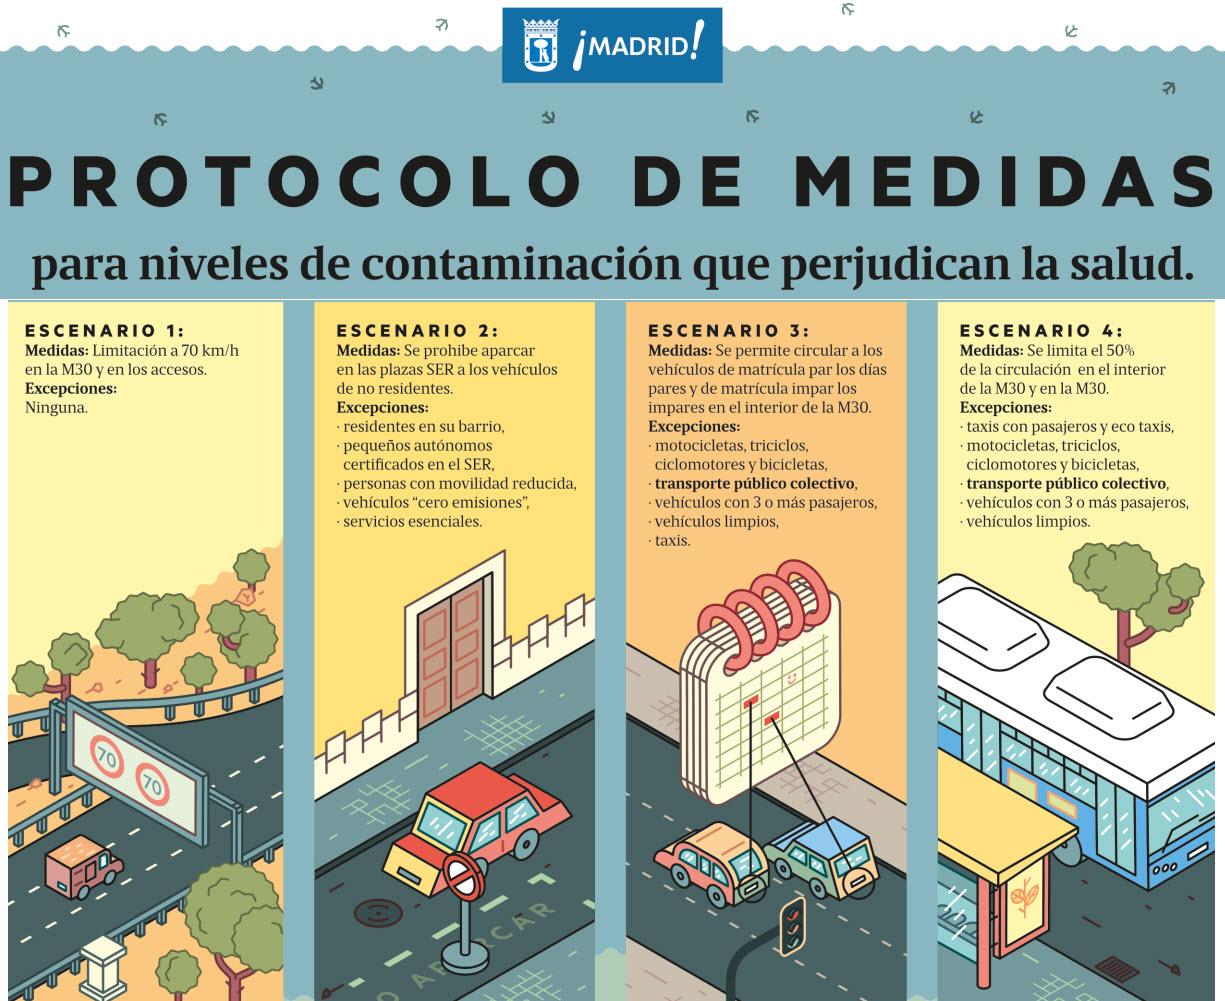 Protocolo de medidas de cada escenario